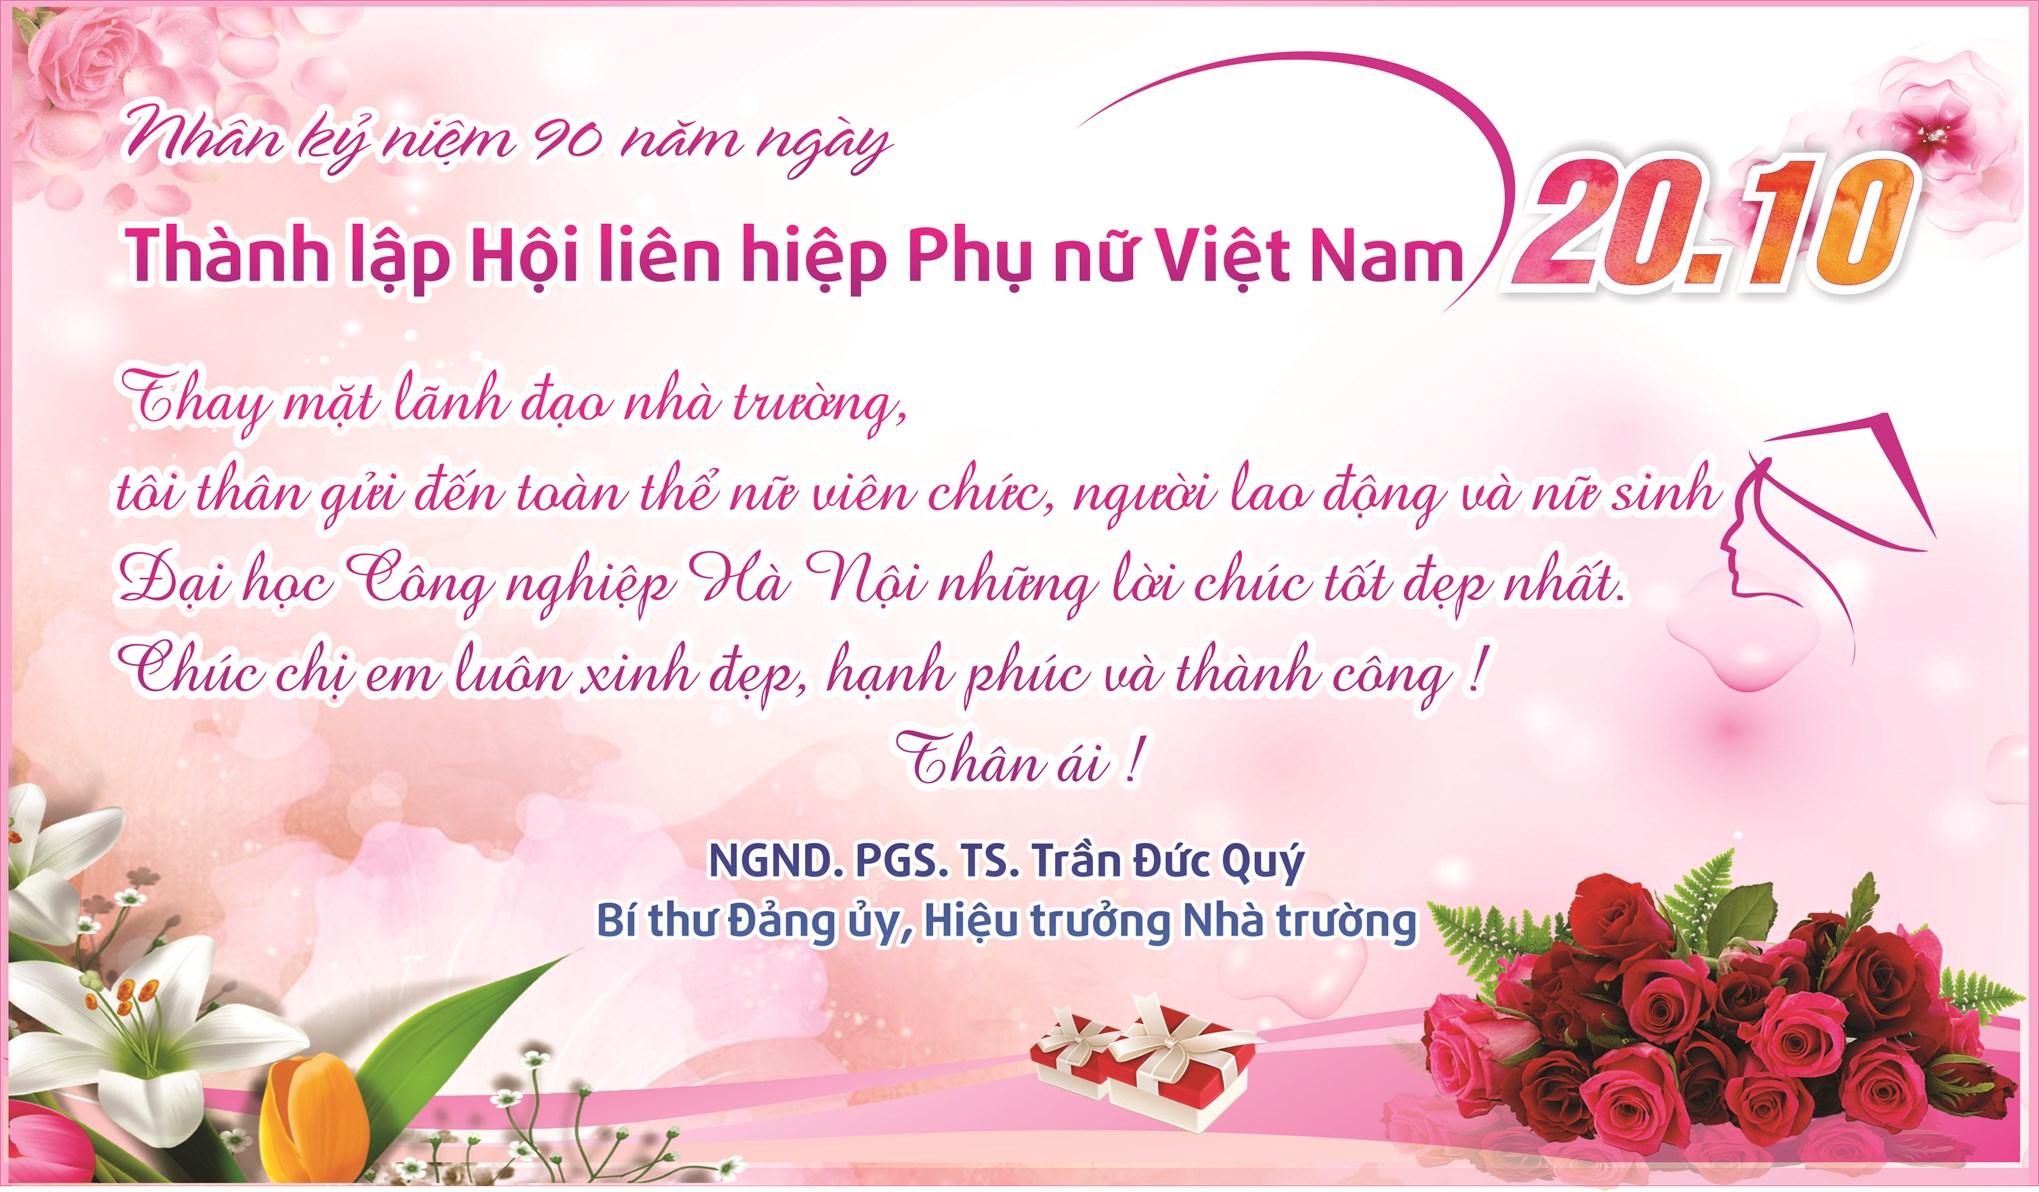 Hiệu trưởng chúc mừng nhân ngày thành lập Hội liên hiệp Phụ nữ Việt Nam 20/10